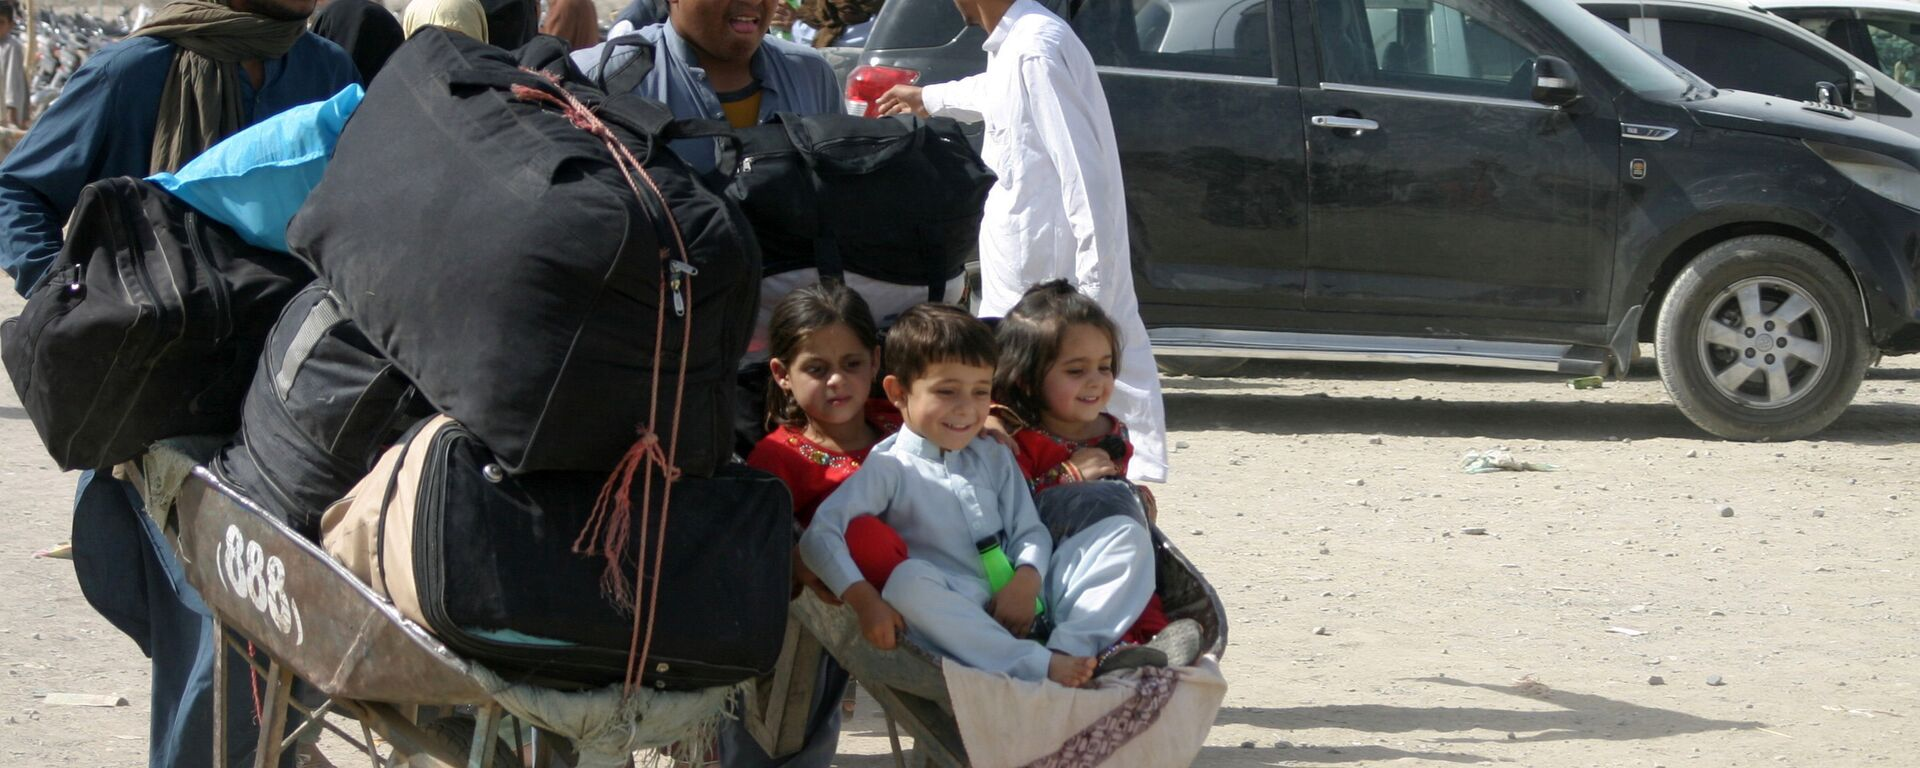 Семья из Афганистана с вещами на контрольно-пропускном пункте Ворота дружбы в пакистано-афганском пограничном городе Чаман, Пакистан - Sputnik Таджикистан, 1920, 10.09.2021